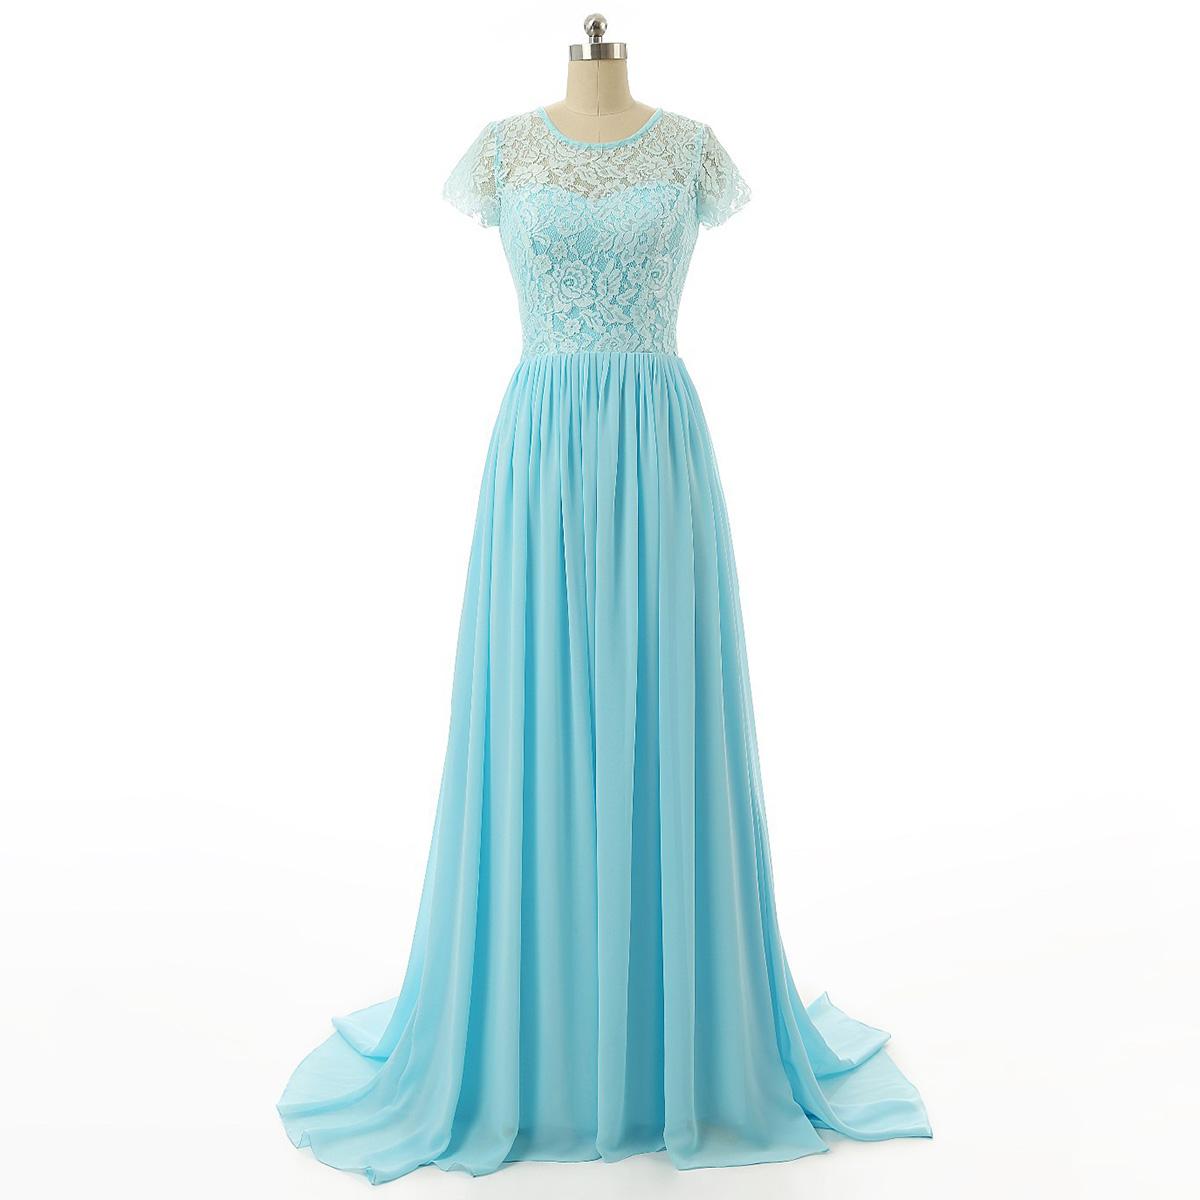 e16d1d092 Scoop Neck Illusion Lace Long Prom Dress